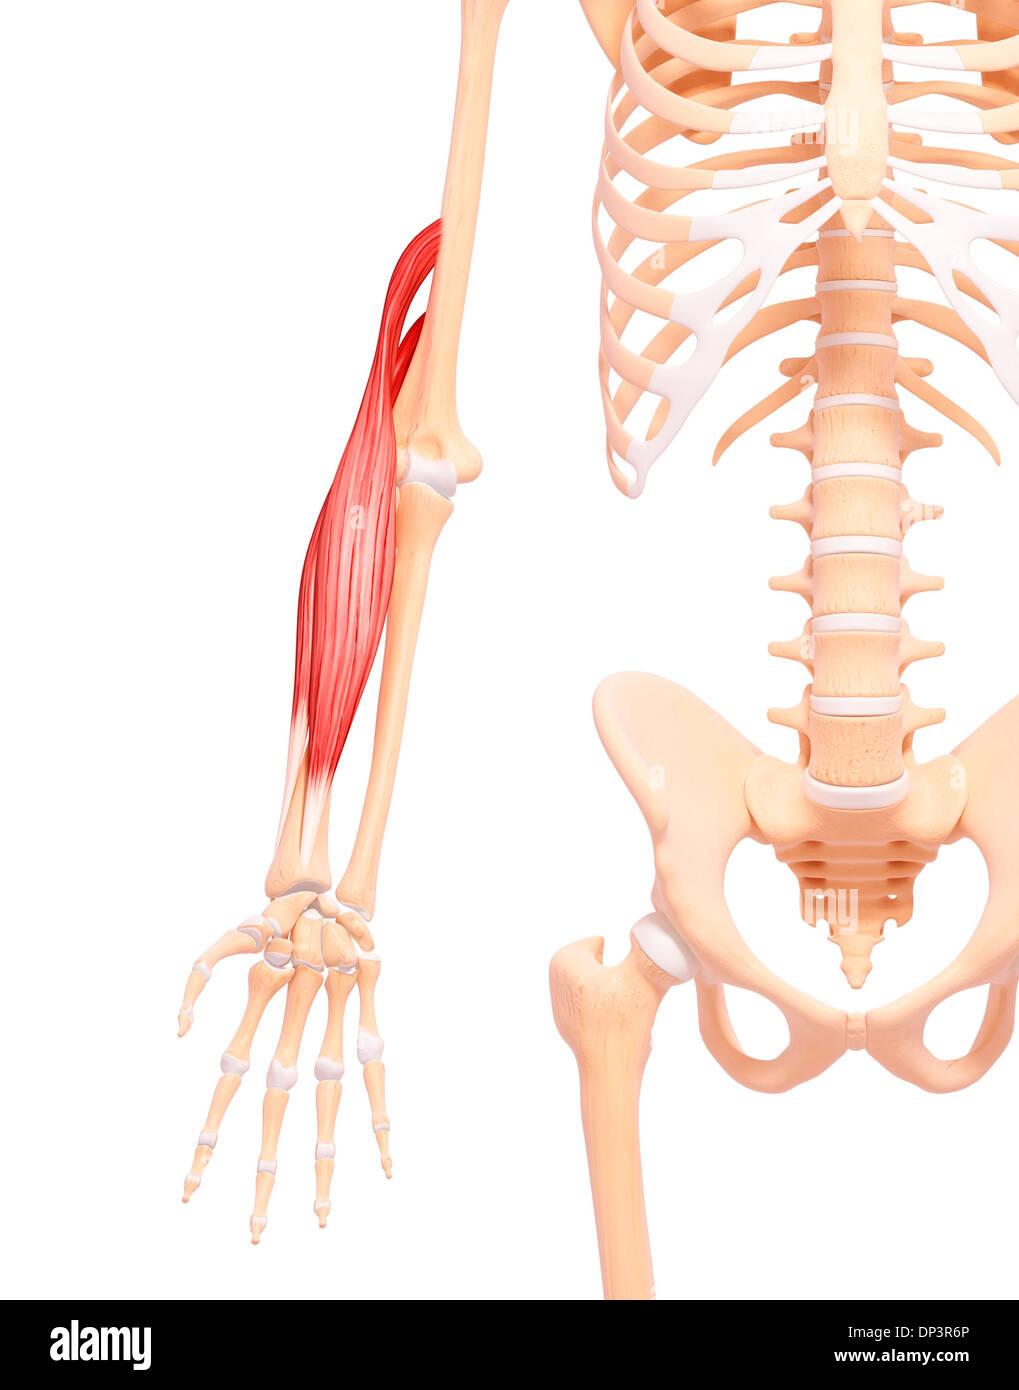 Großzügig Menschlicher Arm Anatomie & Muskel Galerie - Physiologie ...